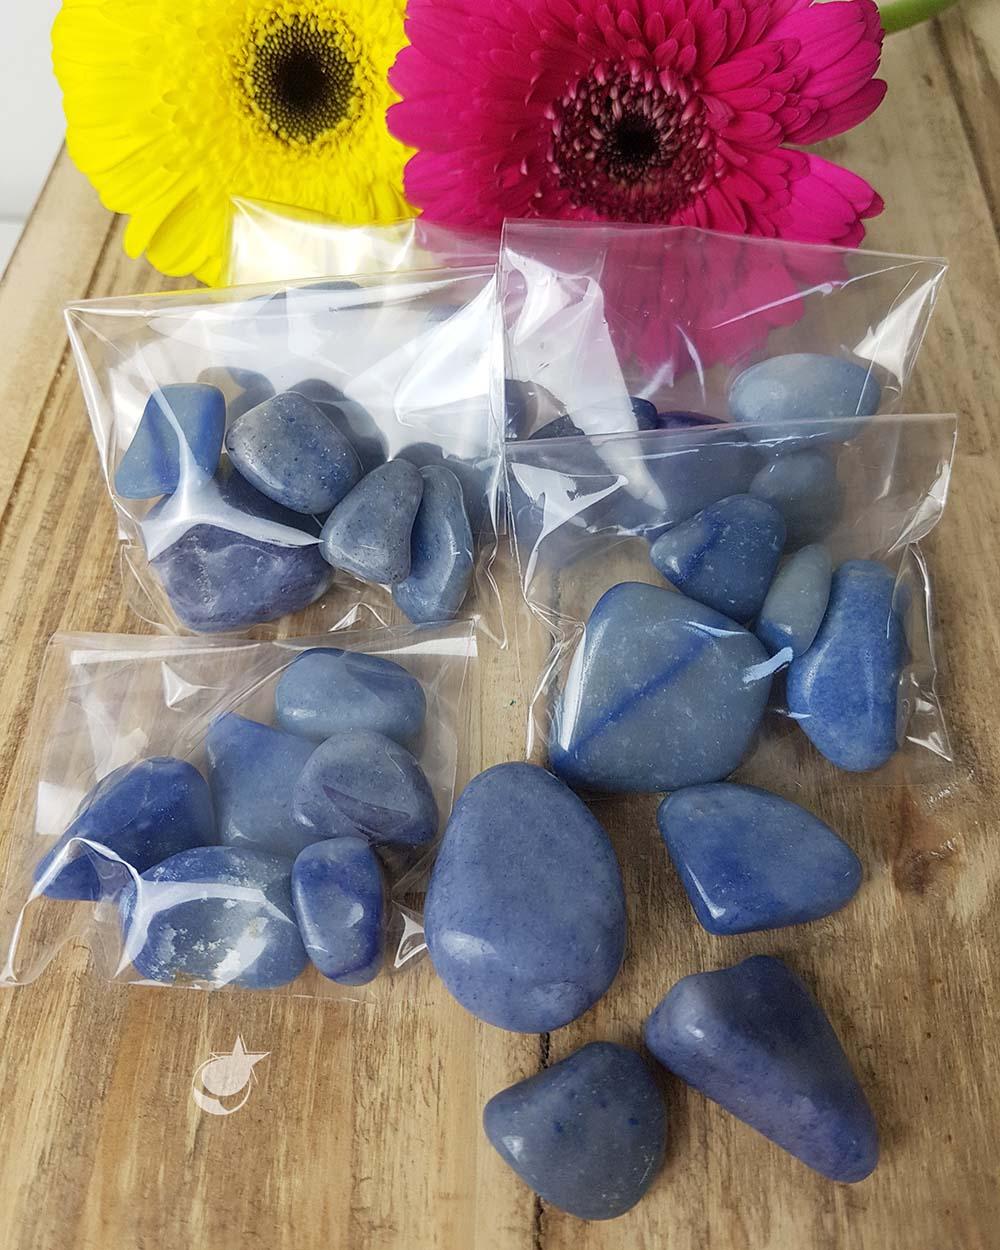 QUARTZO AZUL ROLADO - PACOTE 50g (4 a 5 pedras)